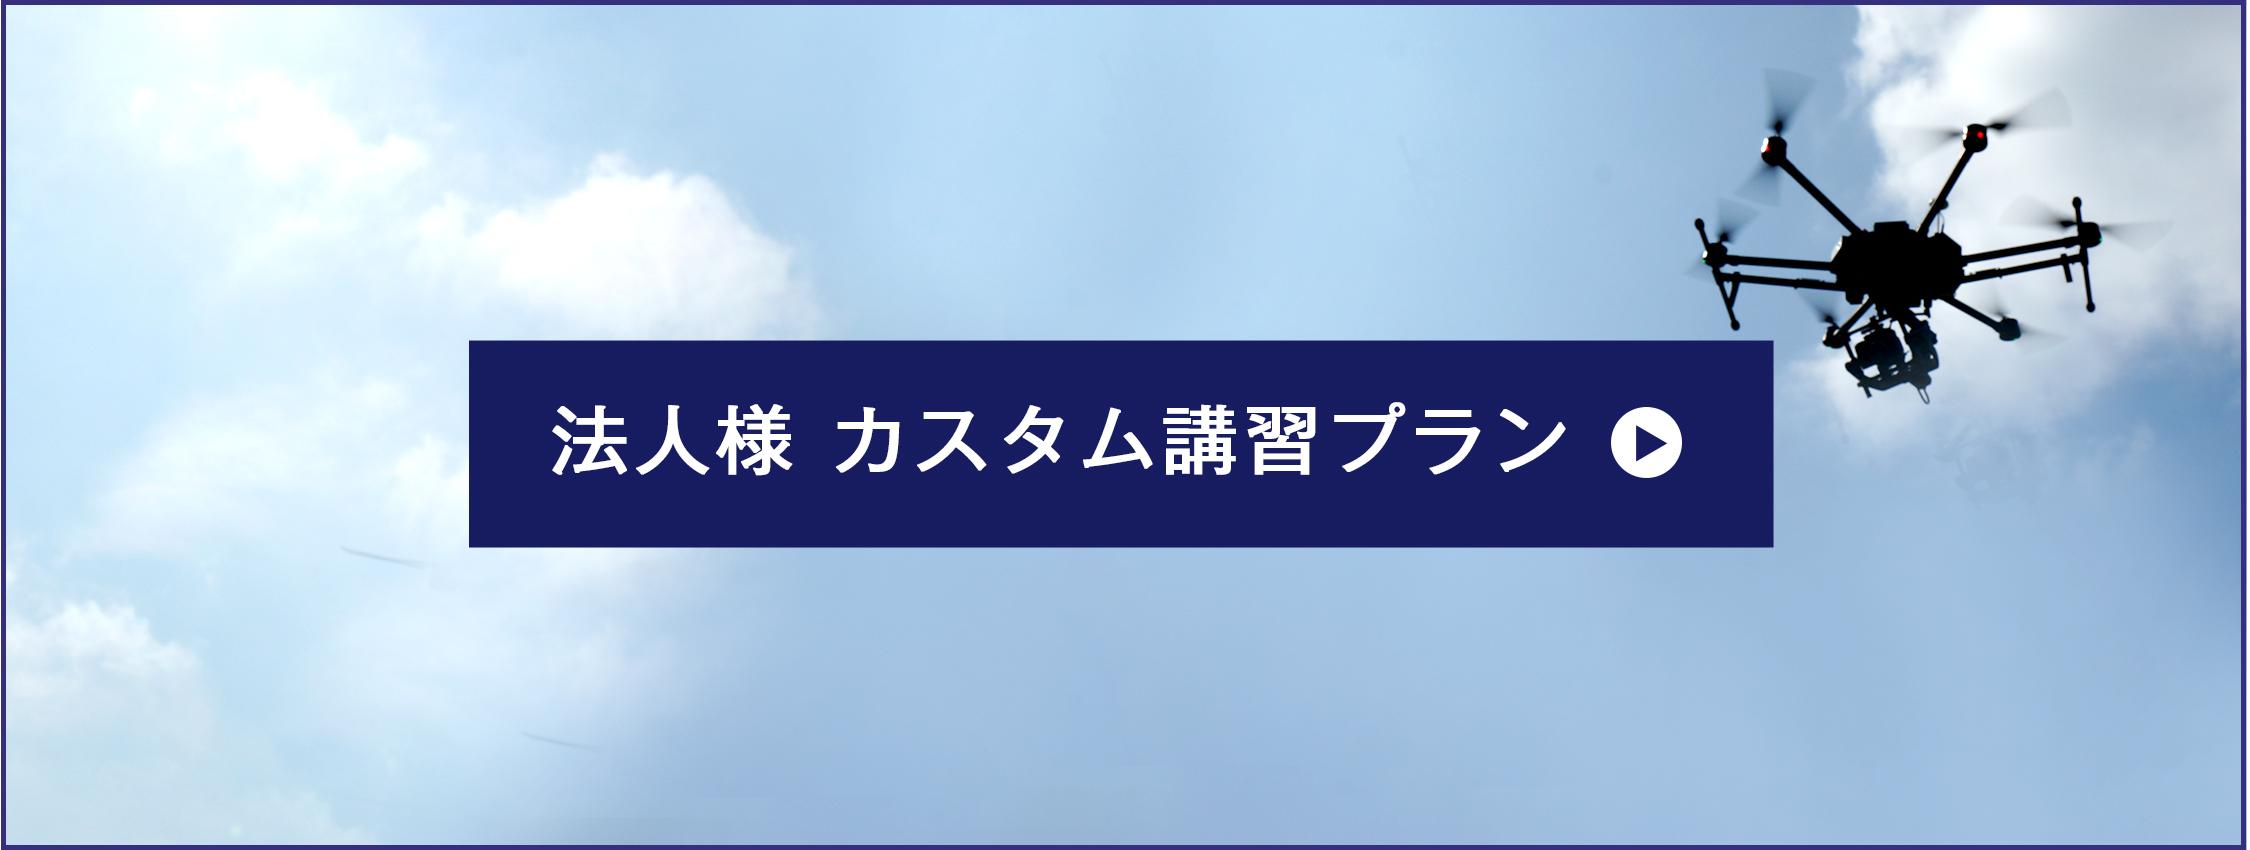 カスタム講習プラン(法人団体さま)